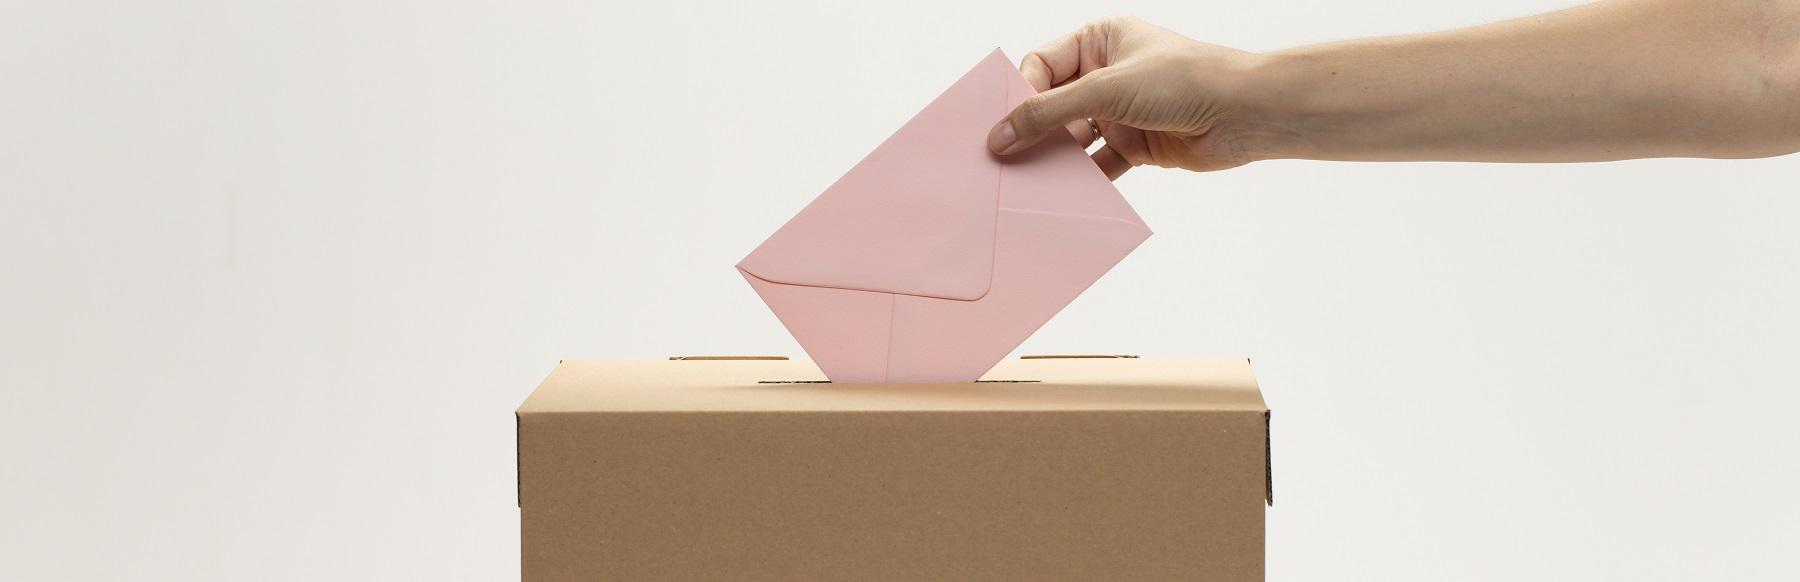 Élections de juin 2021 : régionales et départementales dès juin 2021 à Versailles